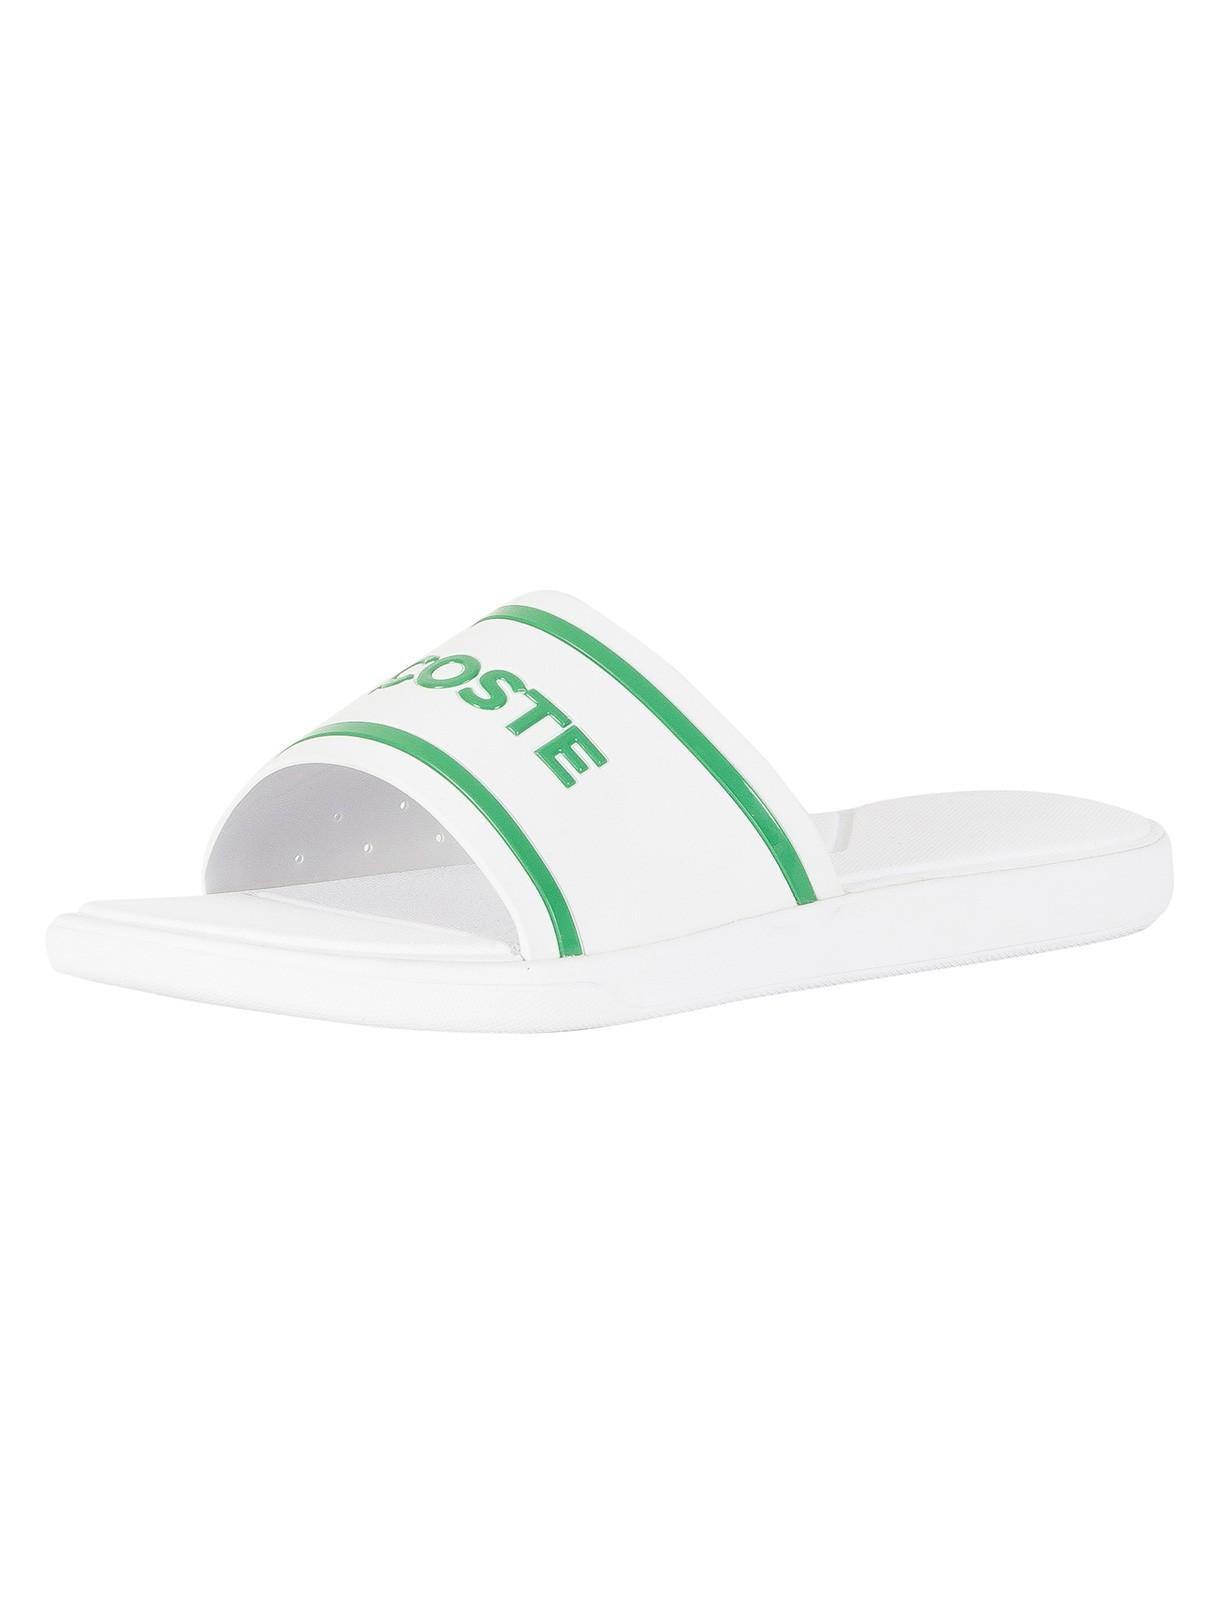 0f06bb910 Lacoste White Green L.30 Slide 118 2 CAM Flip Flops